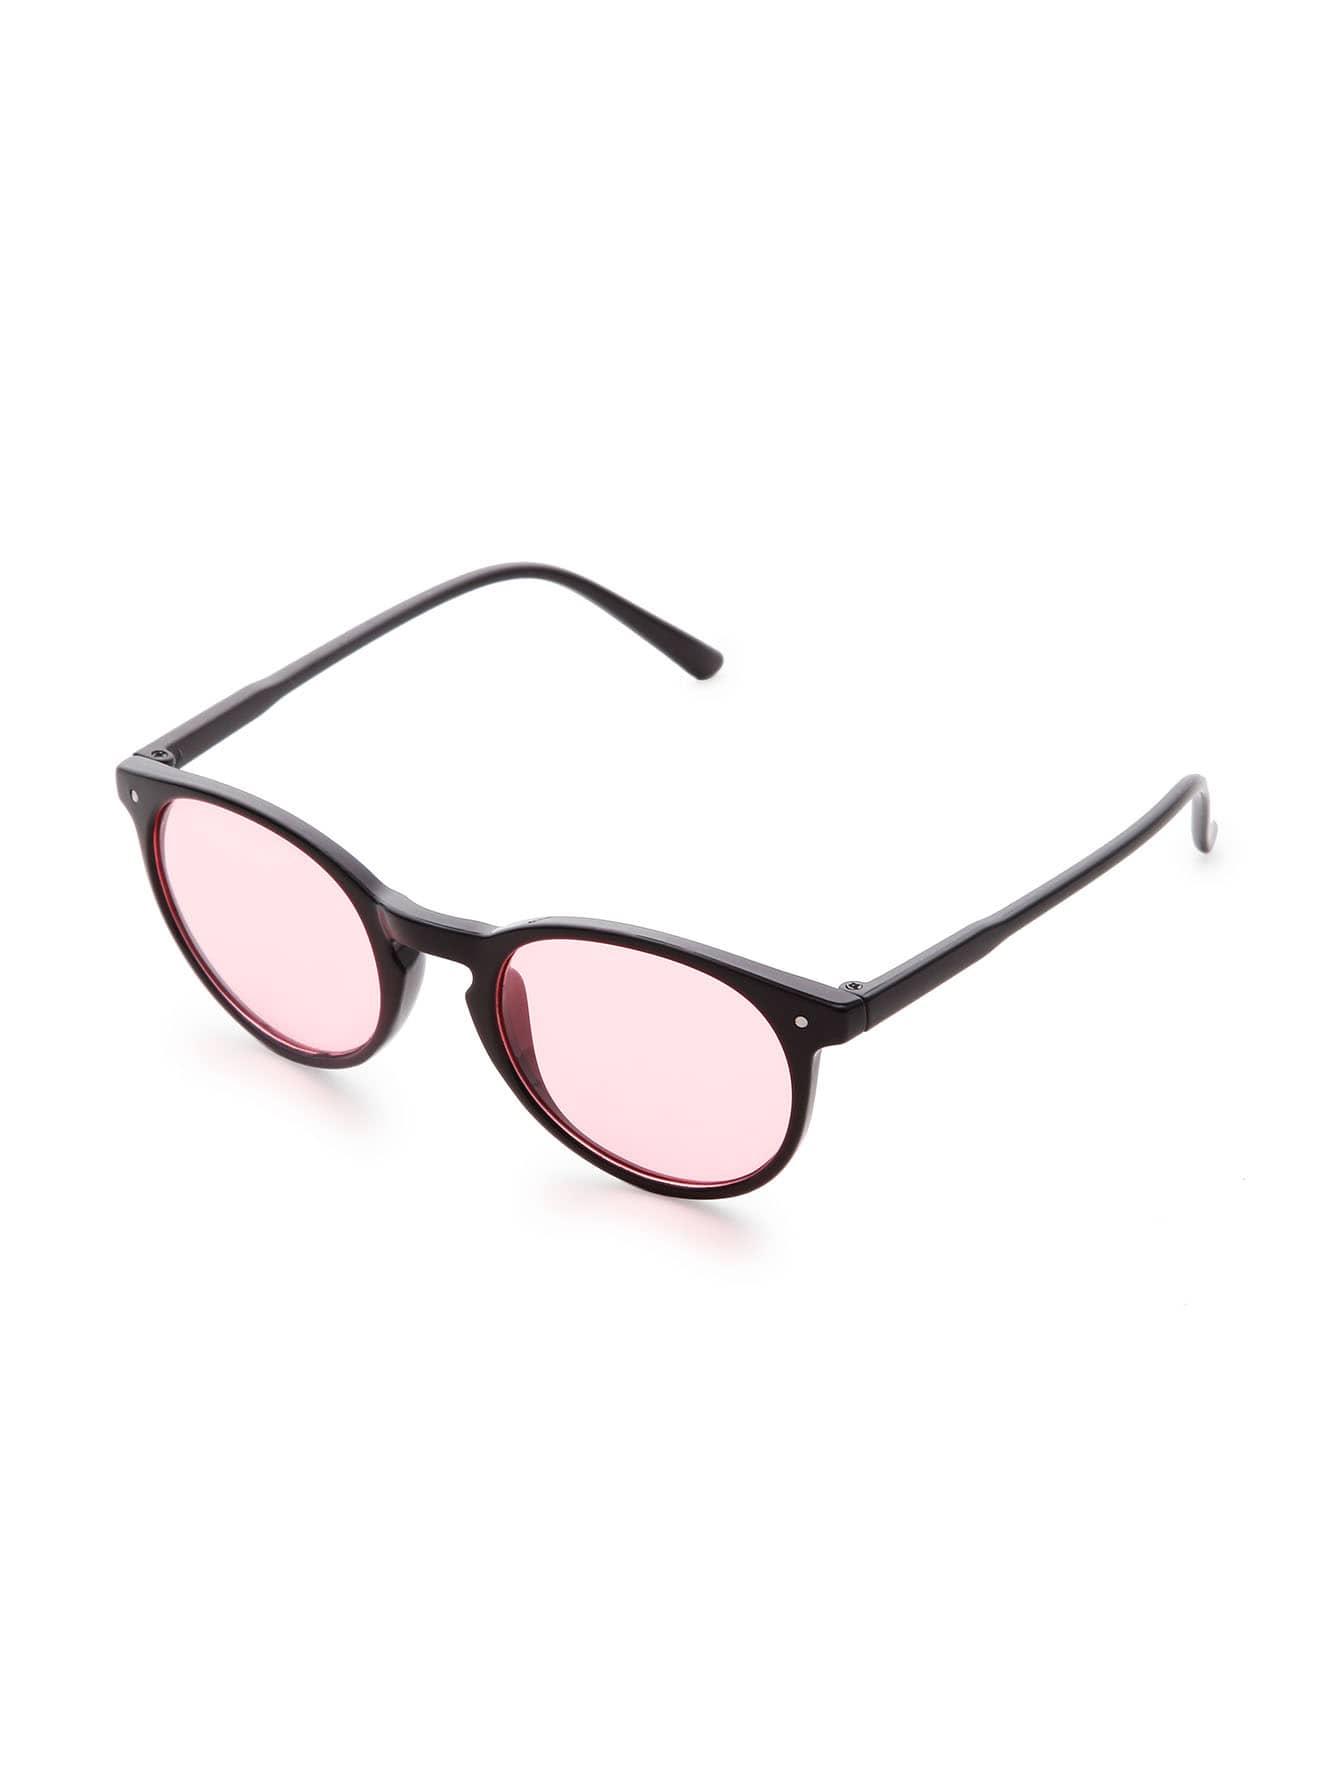 Фото Black Frame Pink Lens Sunglasses. Купить с доставкой